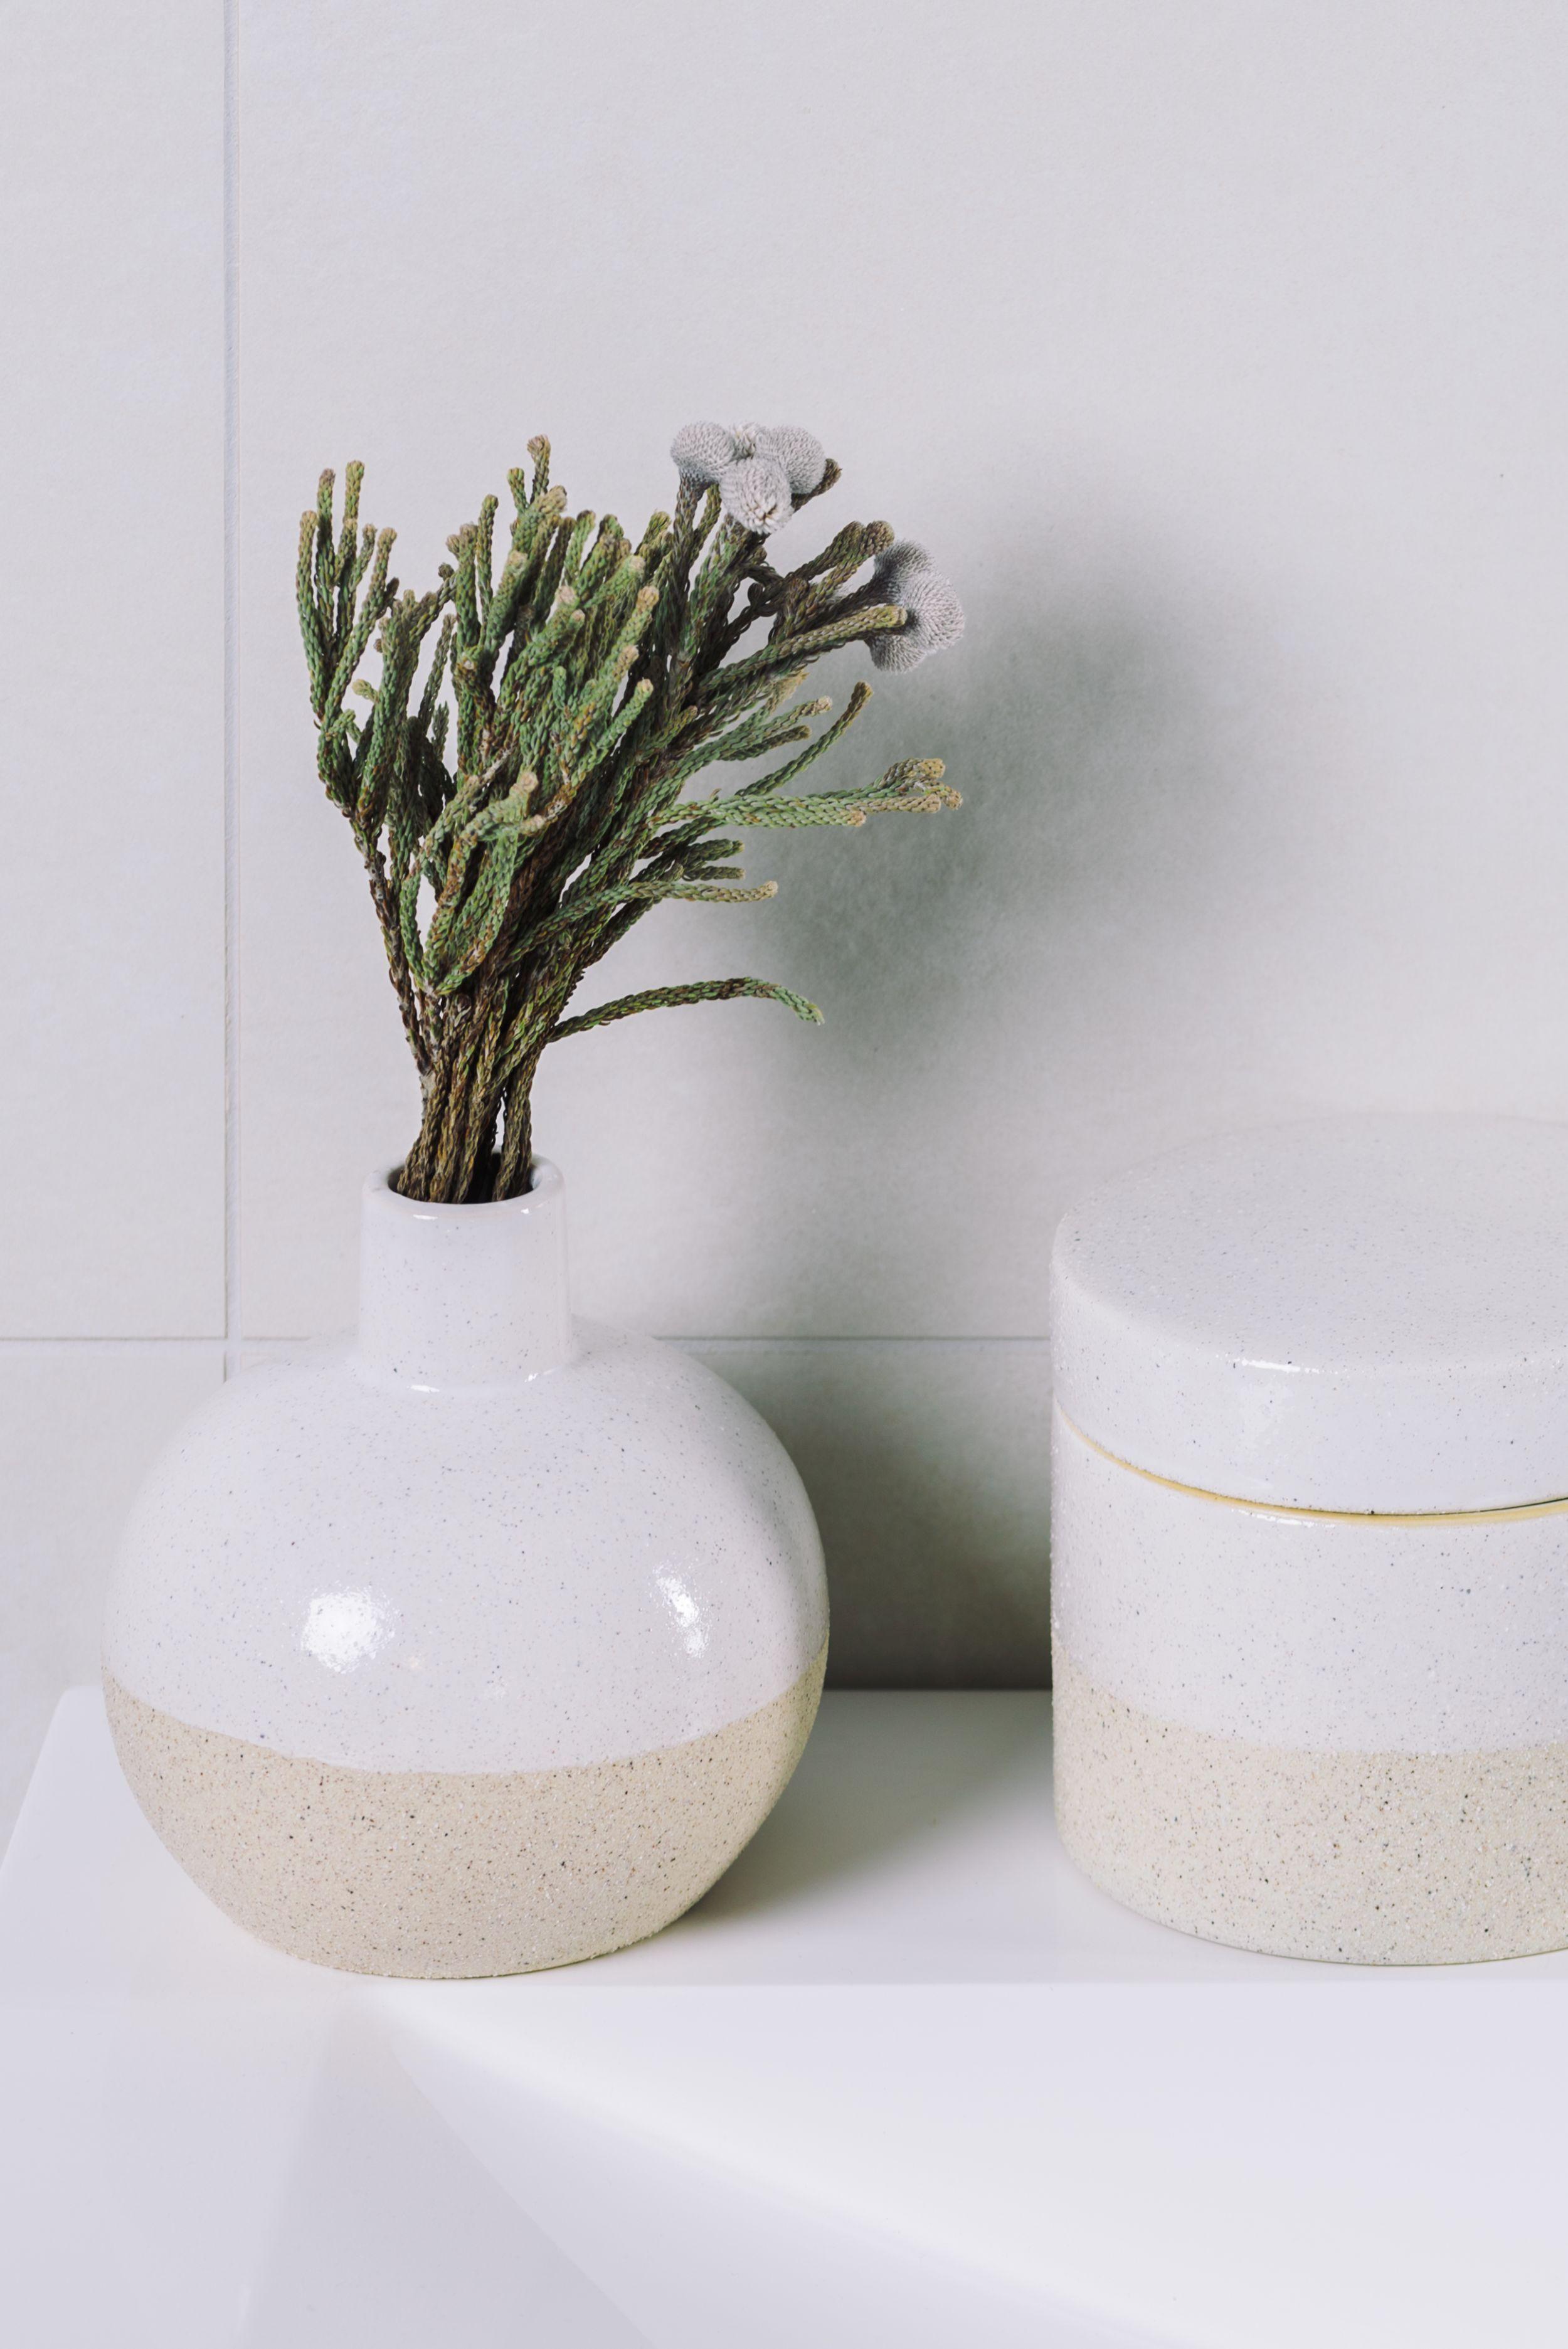 badezimmer makeover ideen // umstyling & deko inspiration ... - Einrichtungsstile Ideen